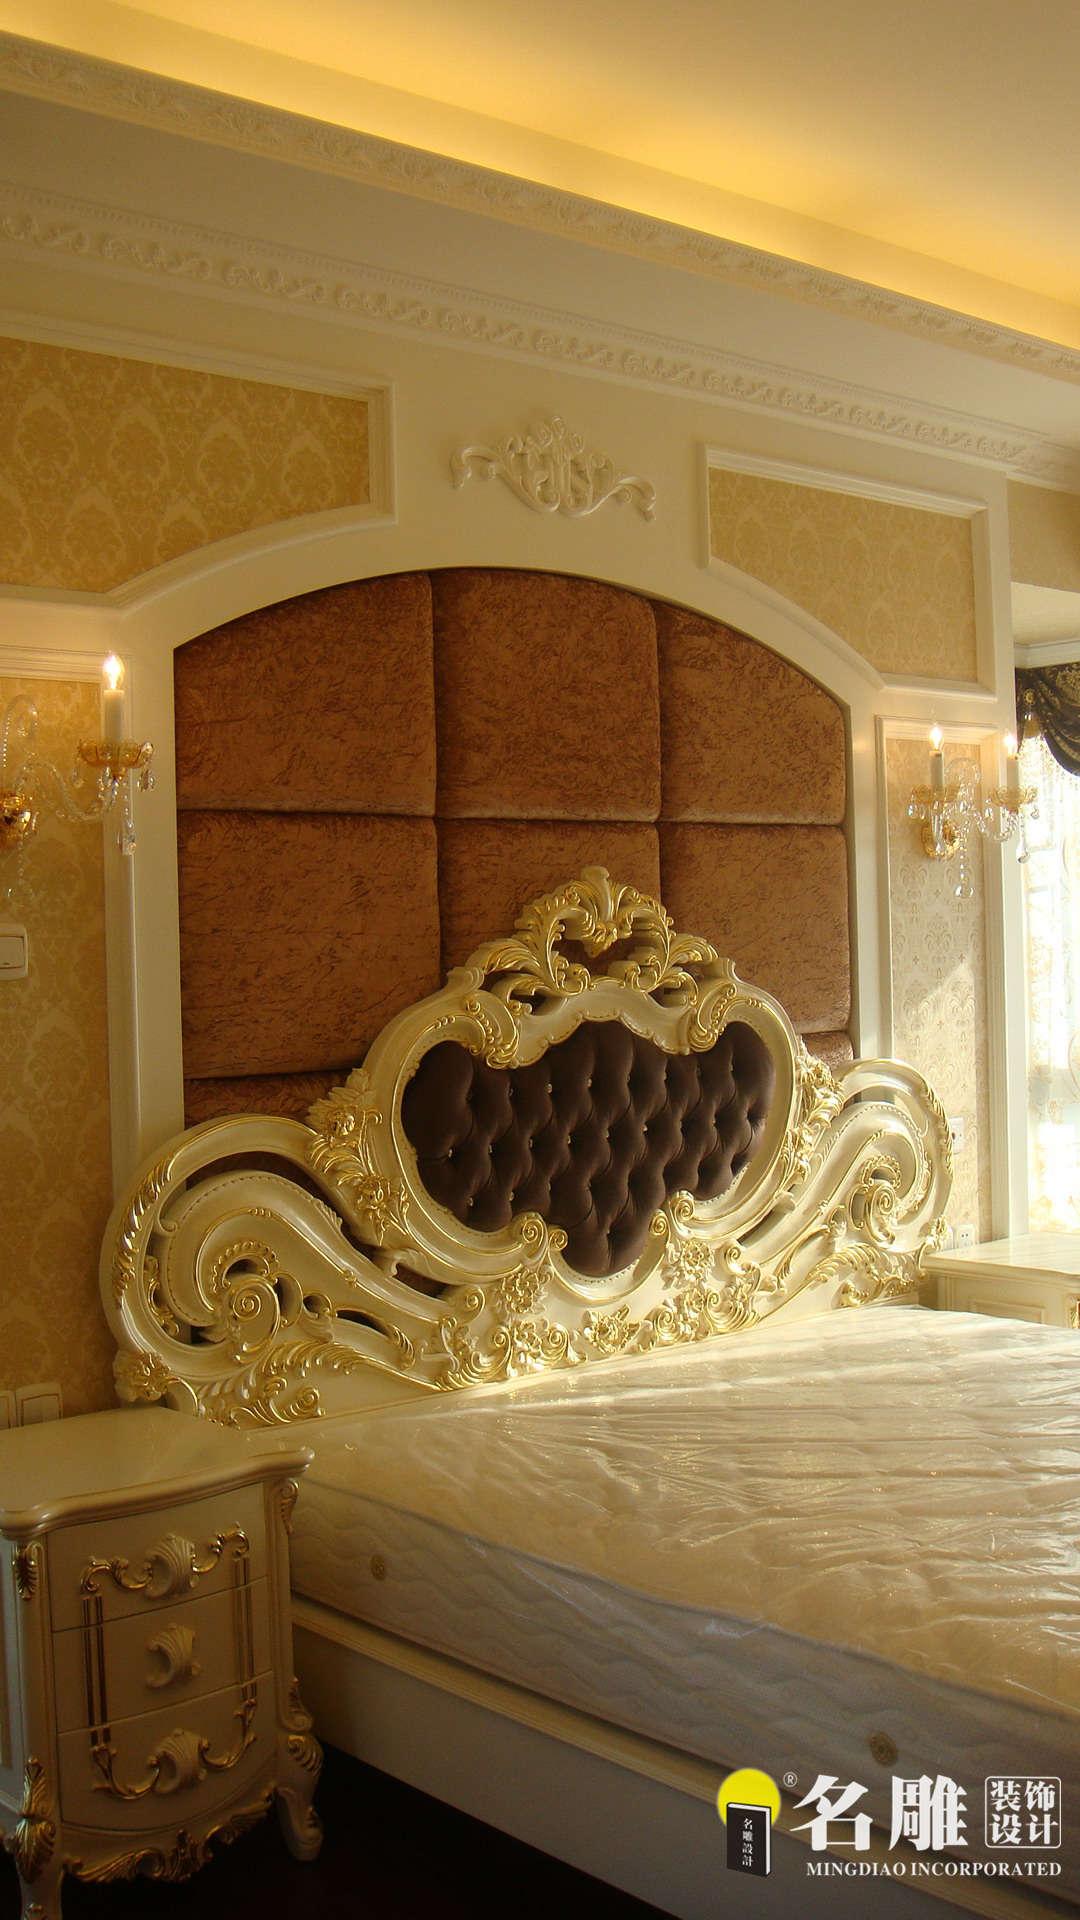 欧式 四居室 香蜜湖一号 高富帅 暖色调装饰 名雕装饰 卧室图片来自名雕装饰设计在香蜜湖一号华皓阁欧式奢华空间的分享